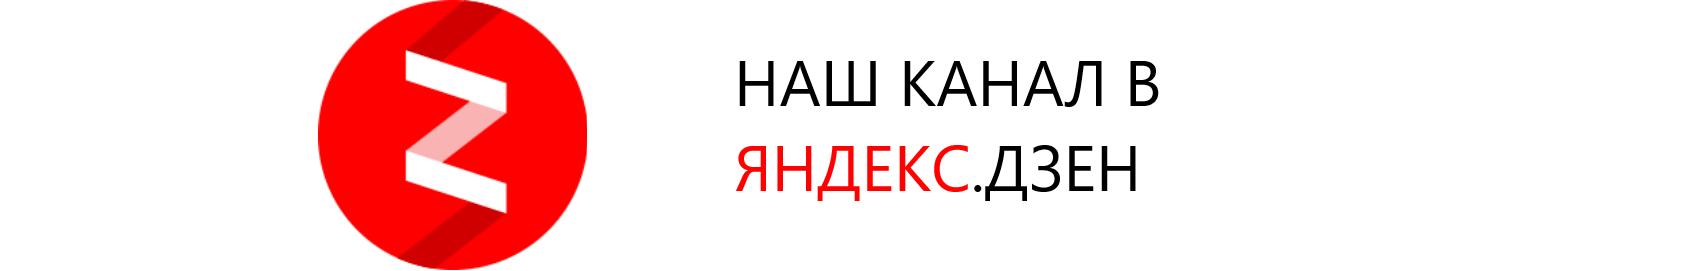 Тестостерон в Яндекс Дзен